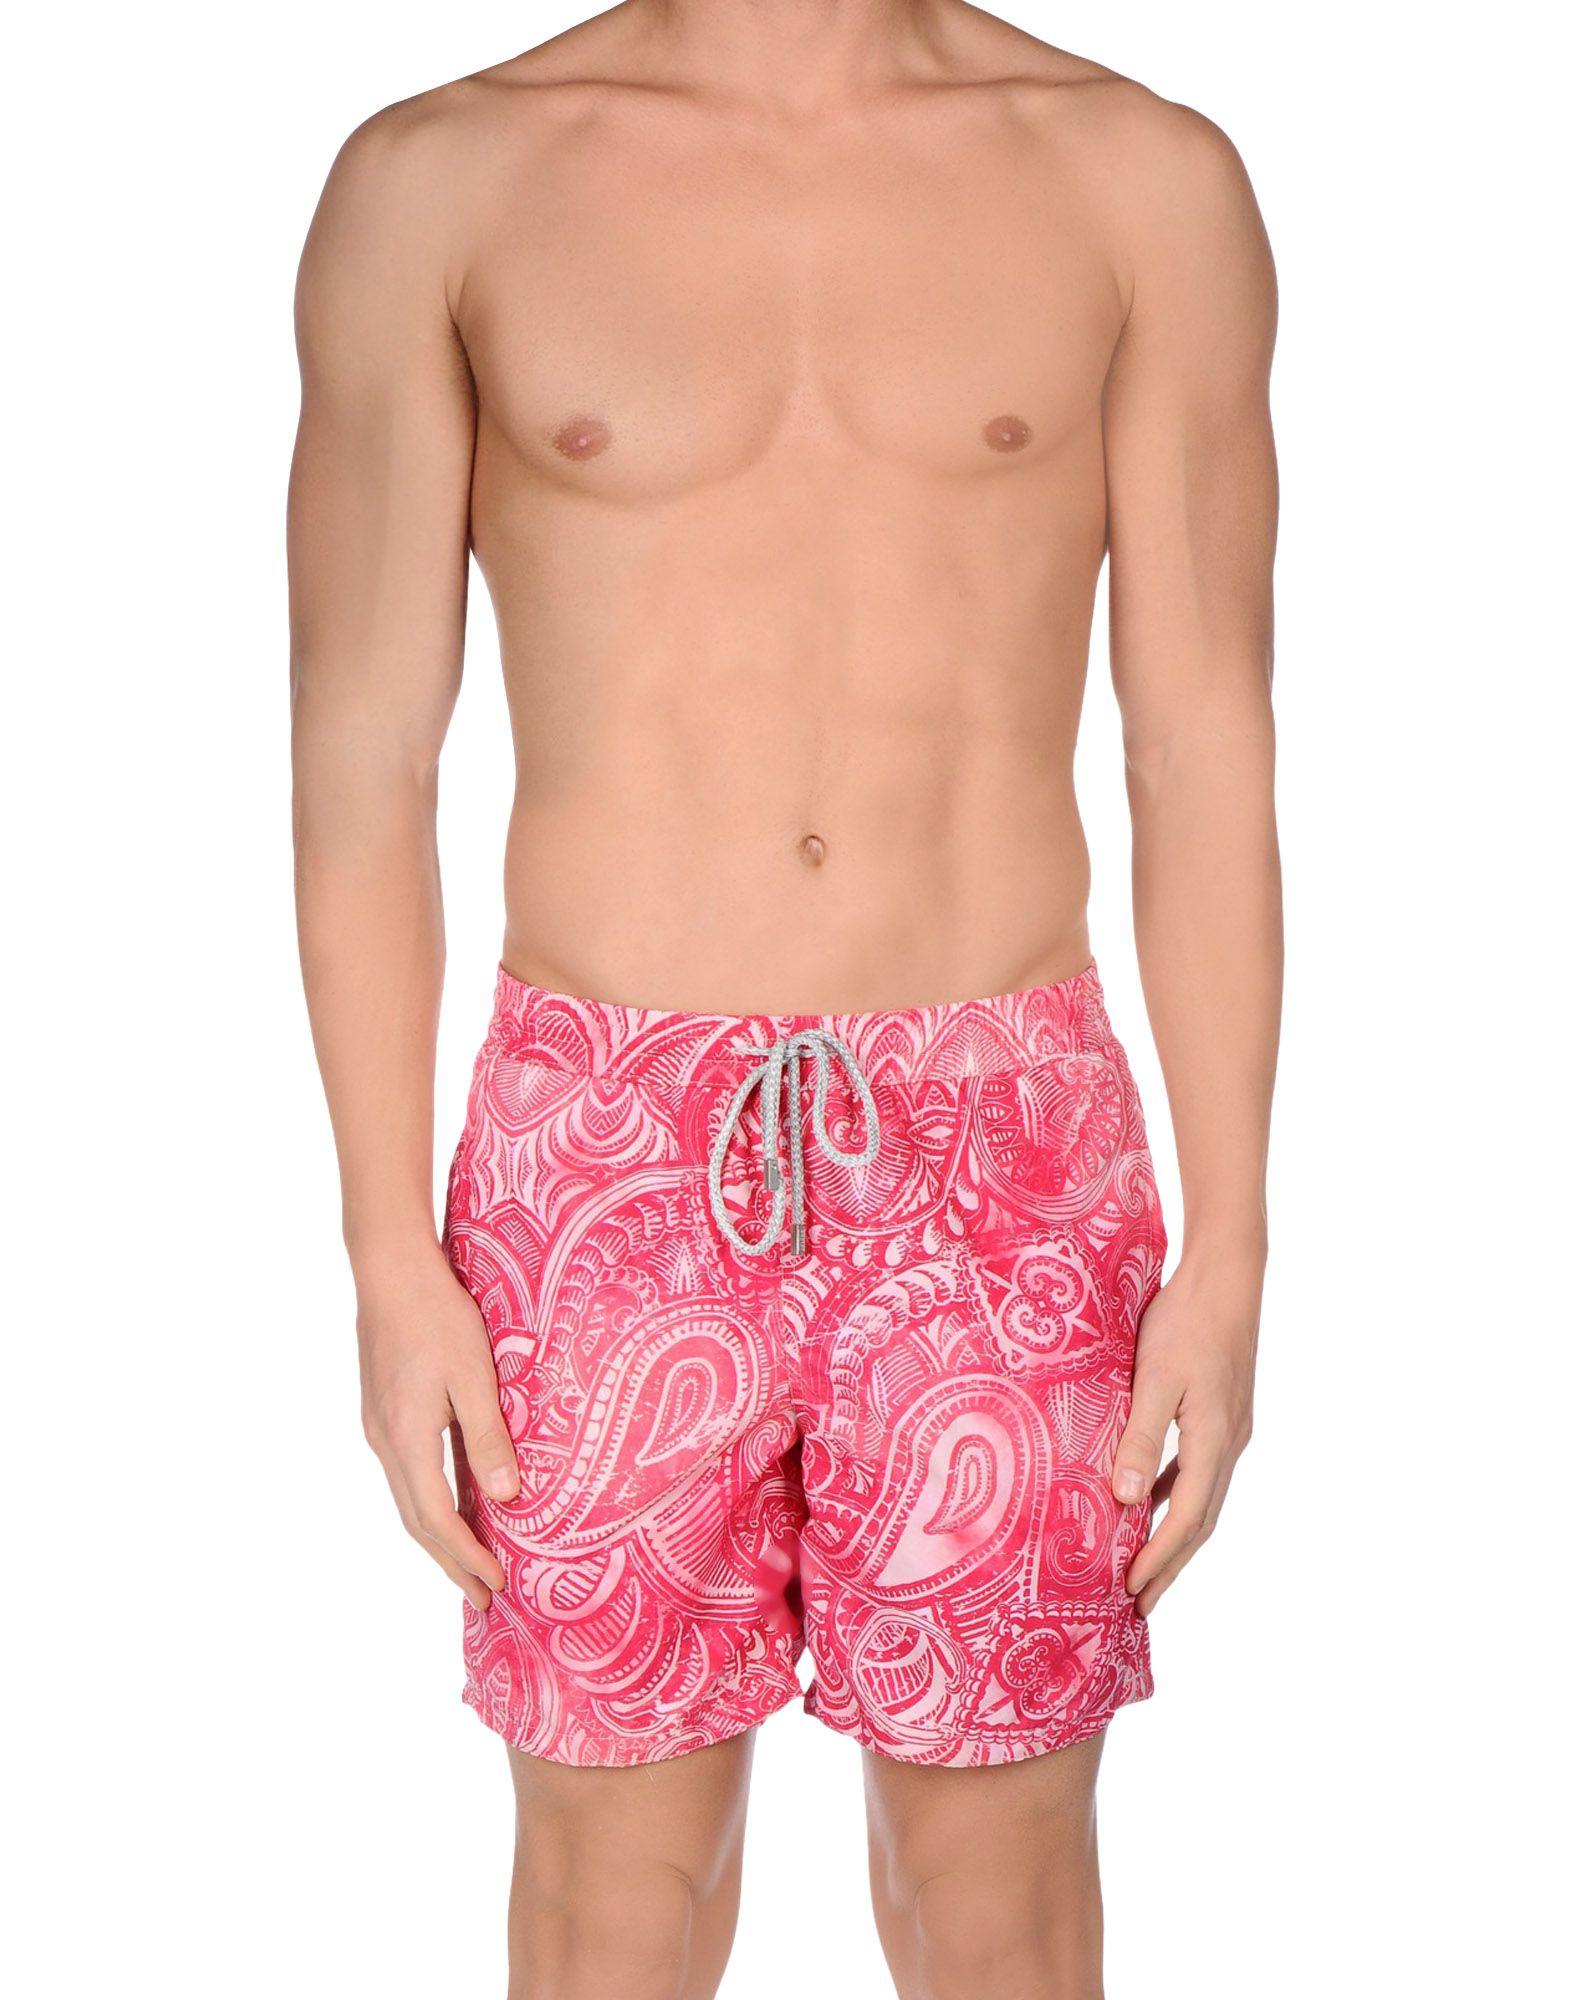 ZEYBRA Swimming trunks